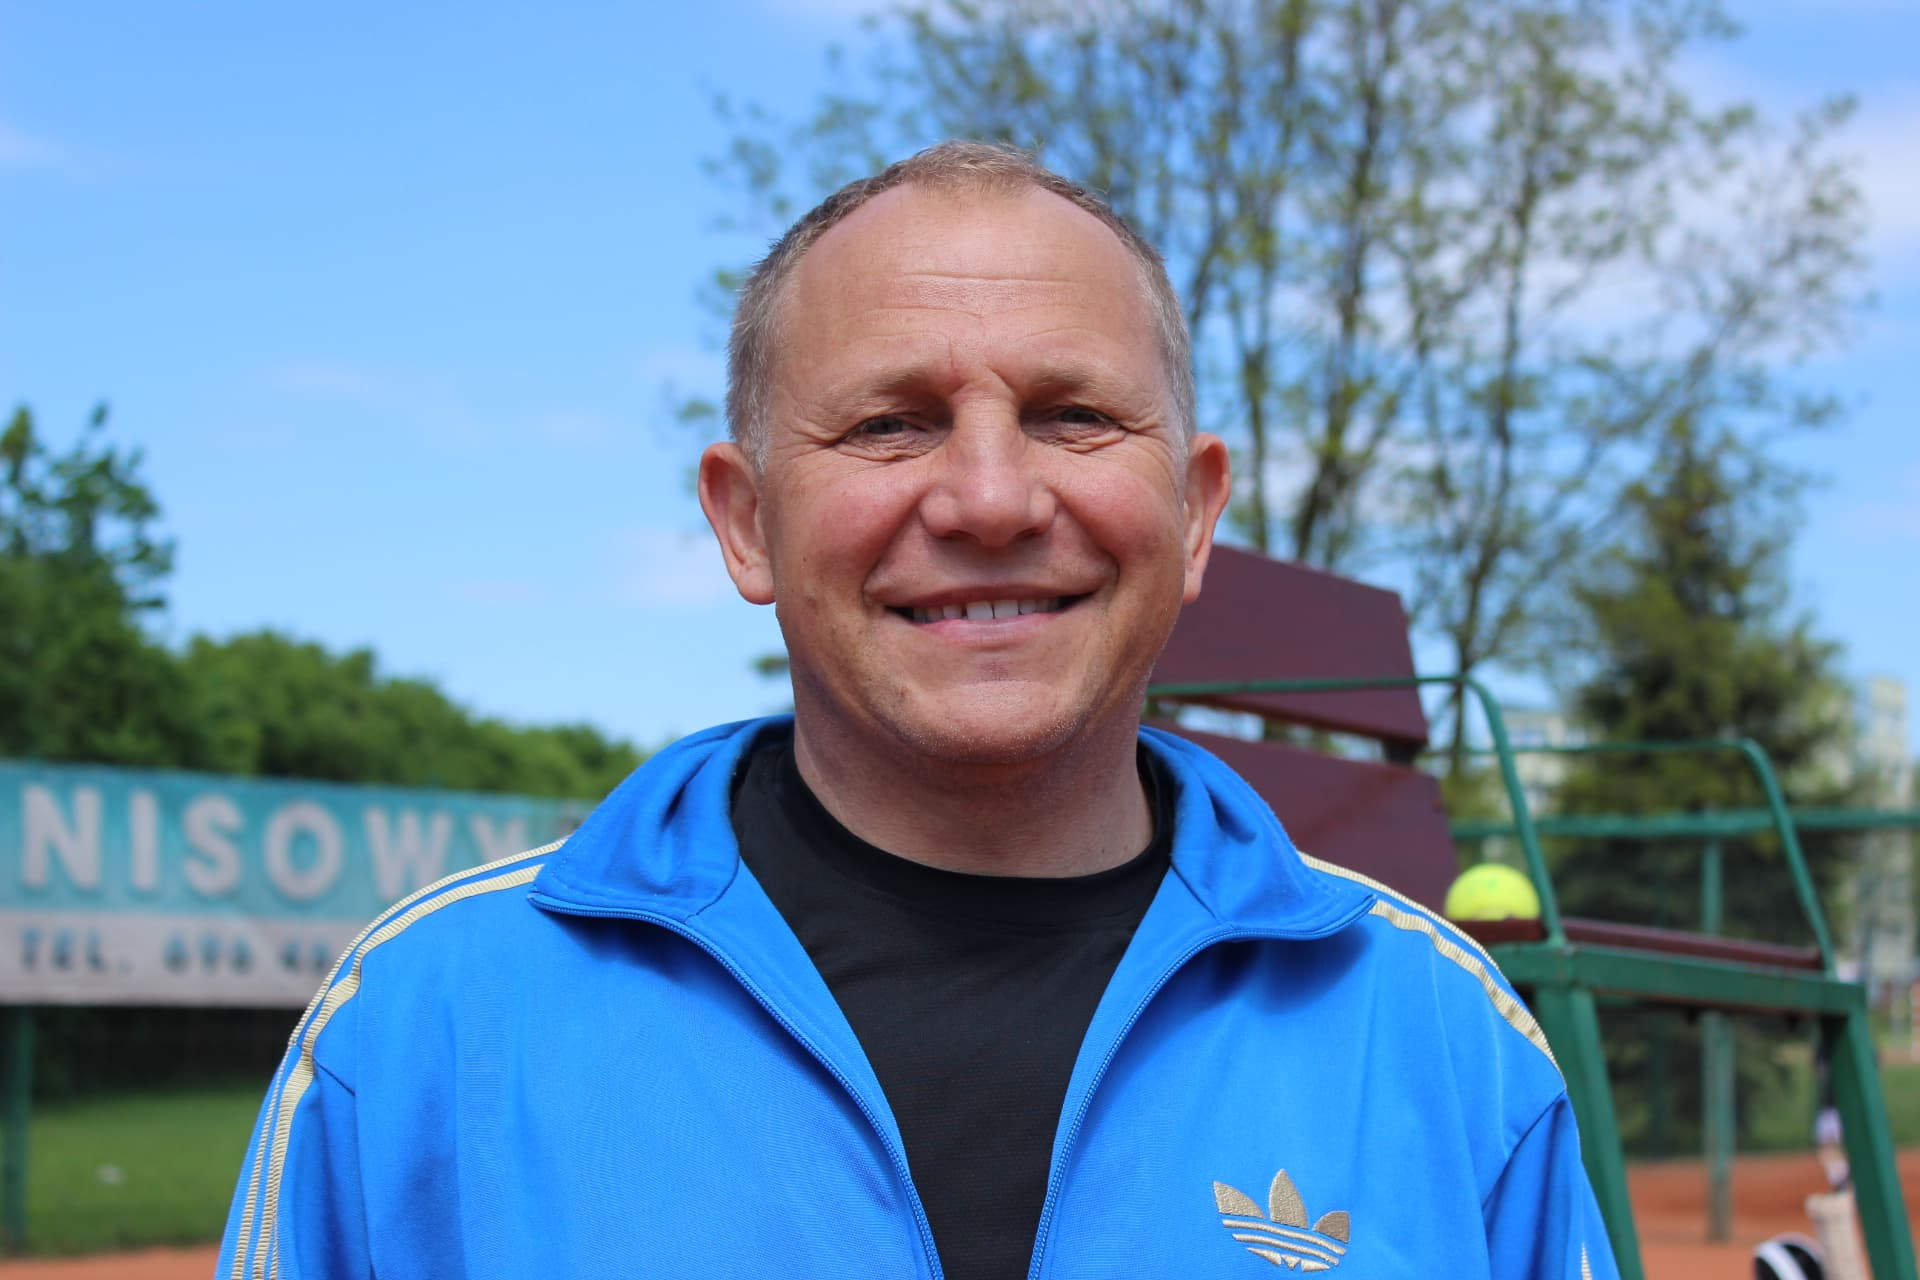 Wiktor Kossowski